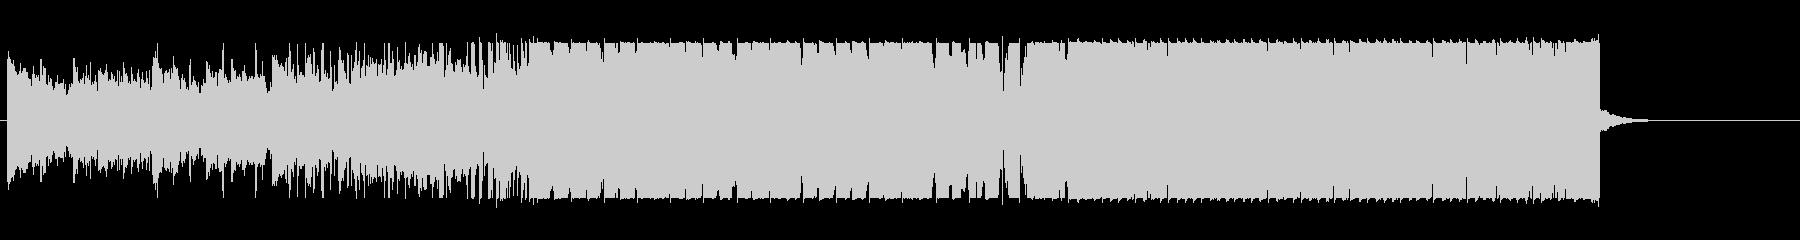 オーケストラチックなハウスの未再生の波形